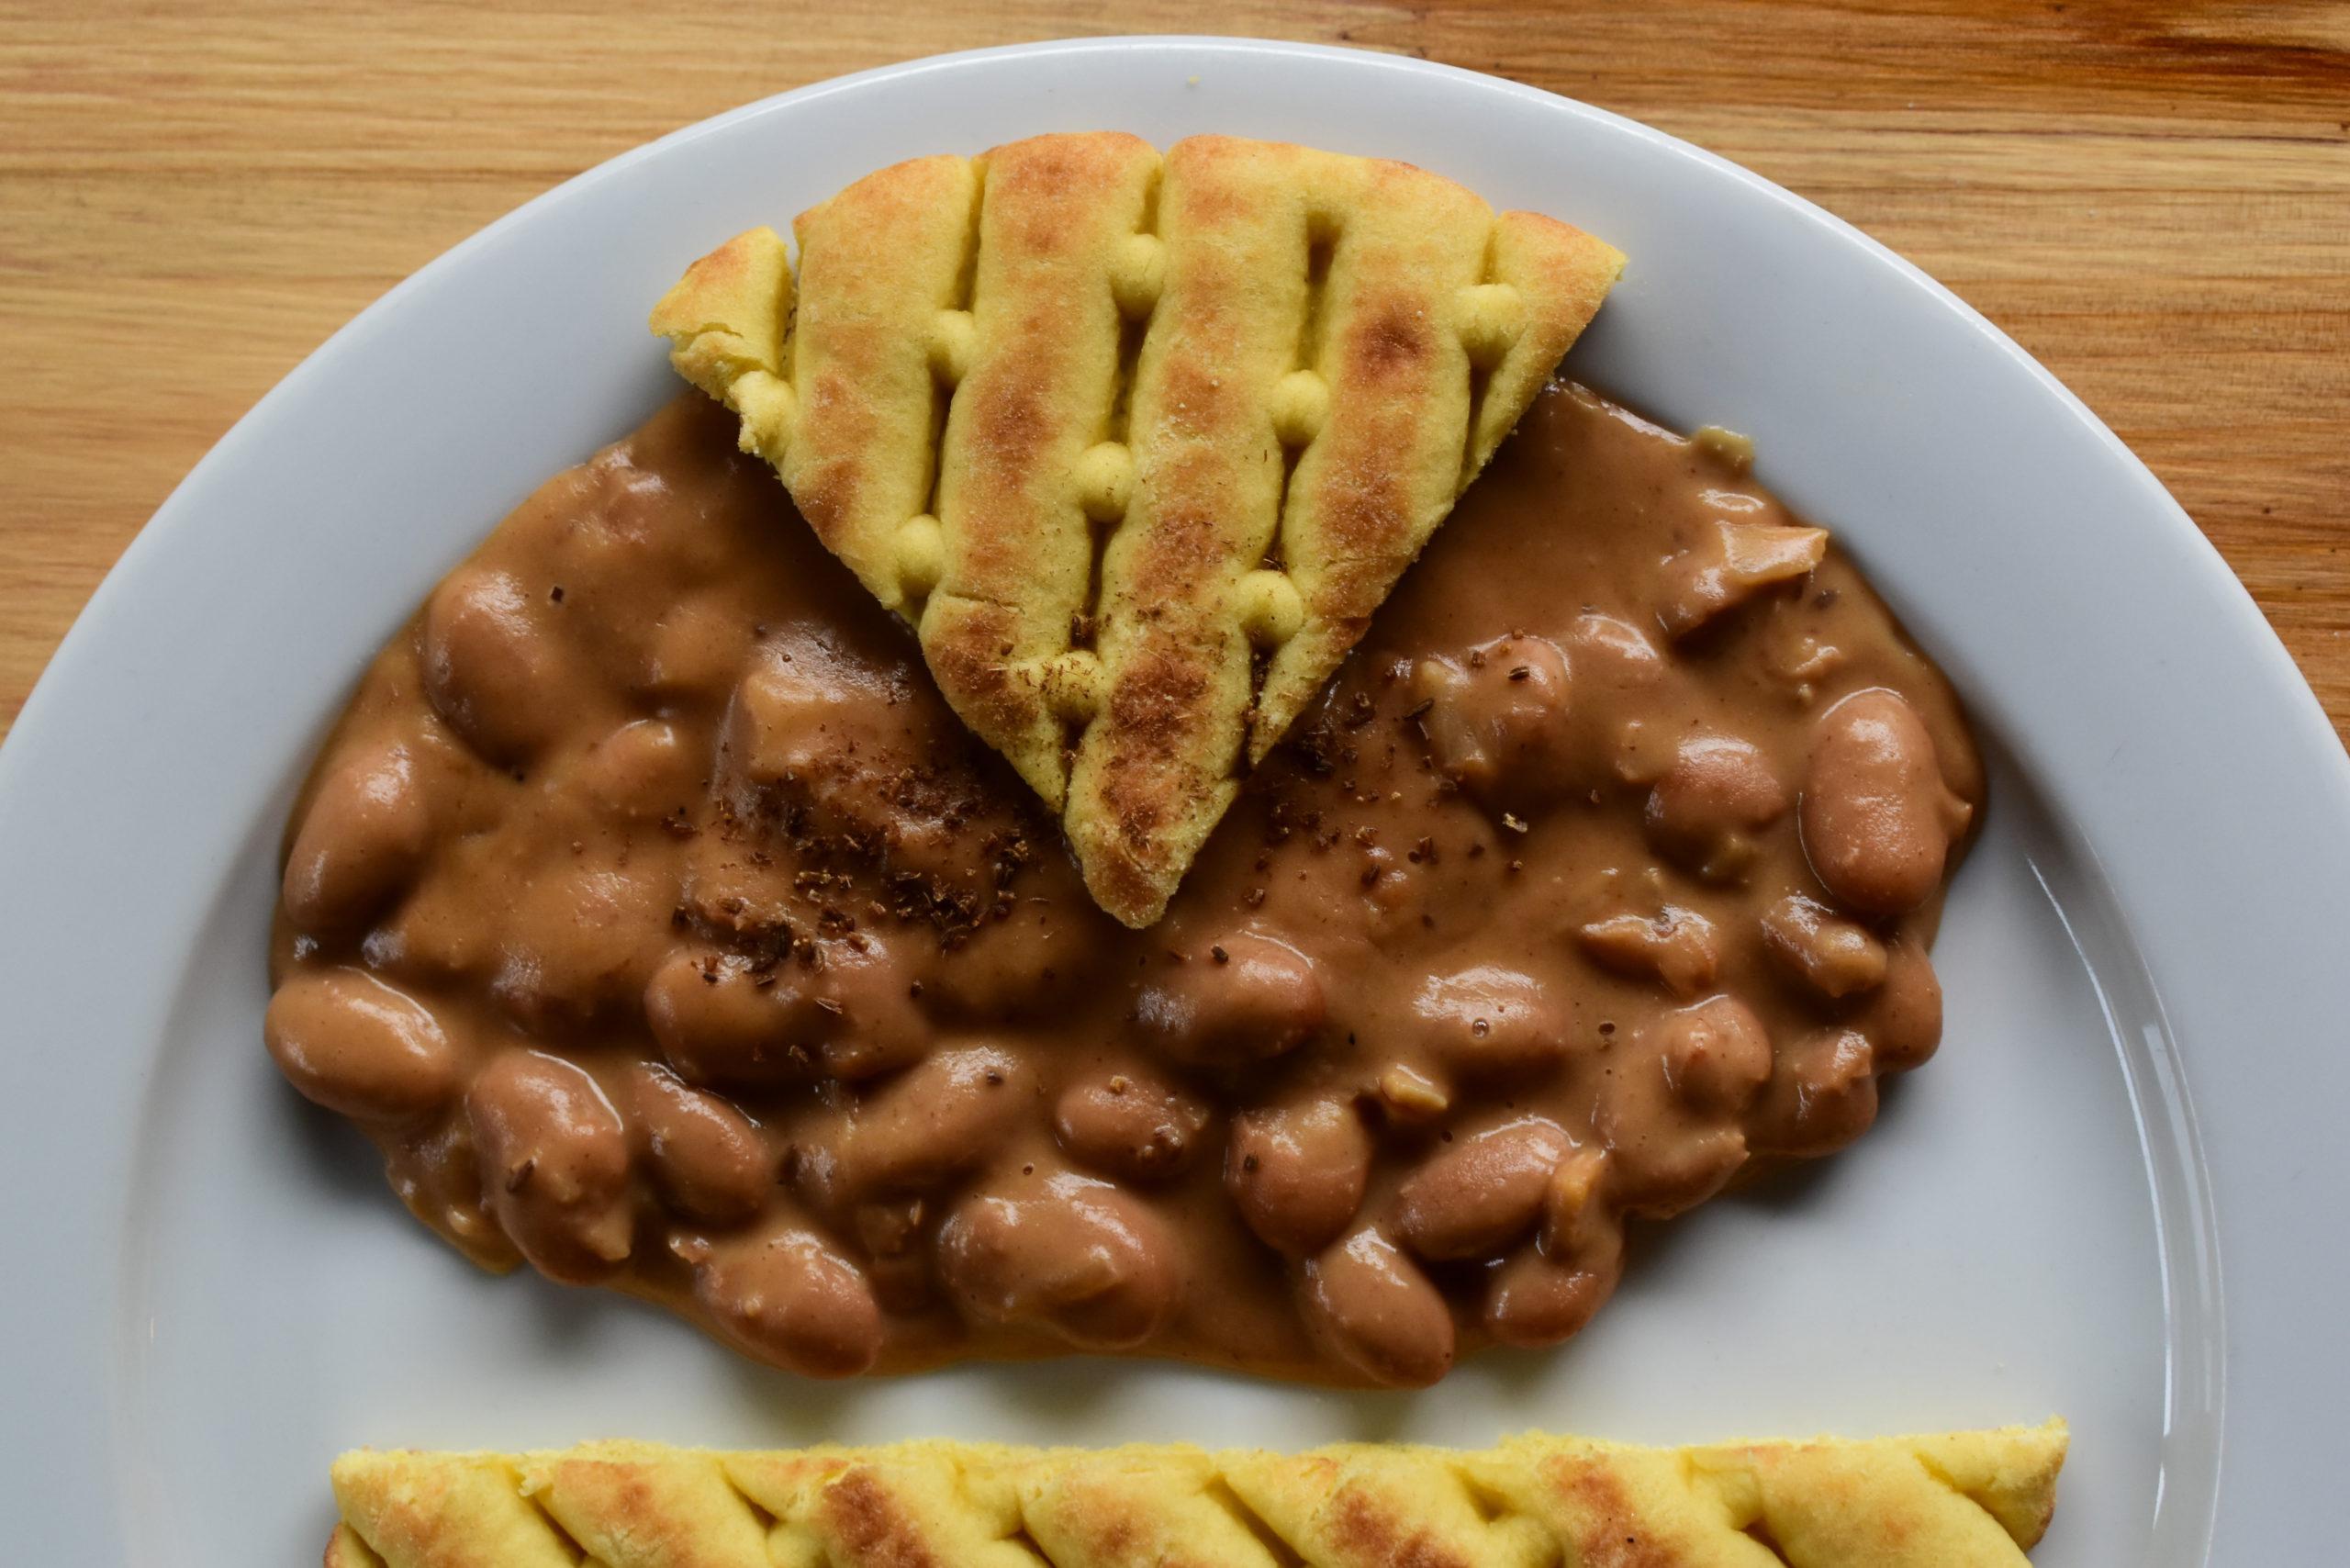 Peanut butter beans